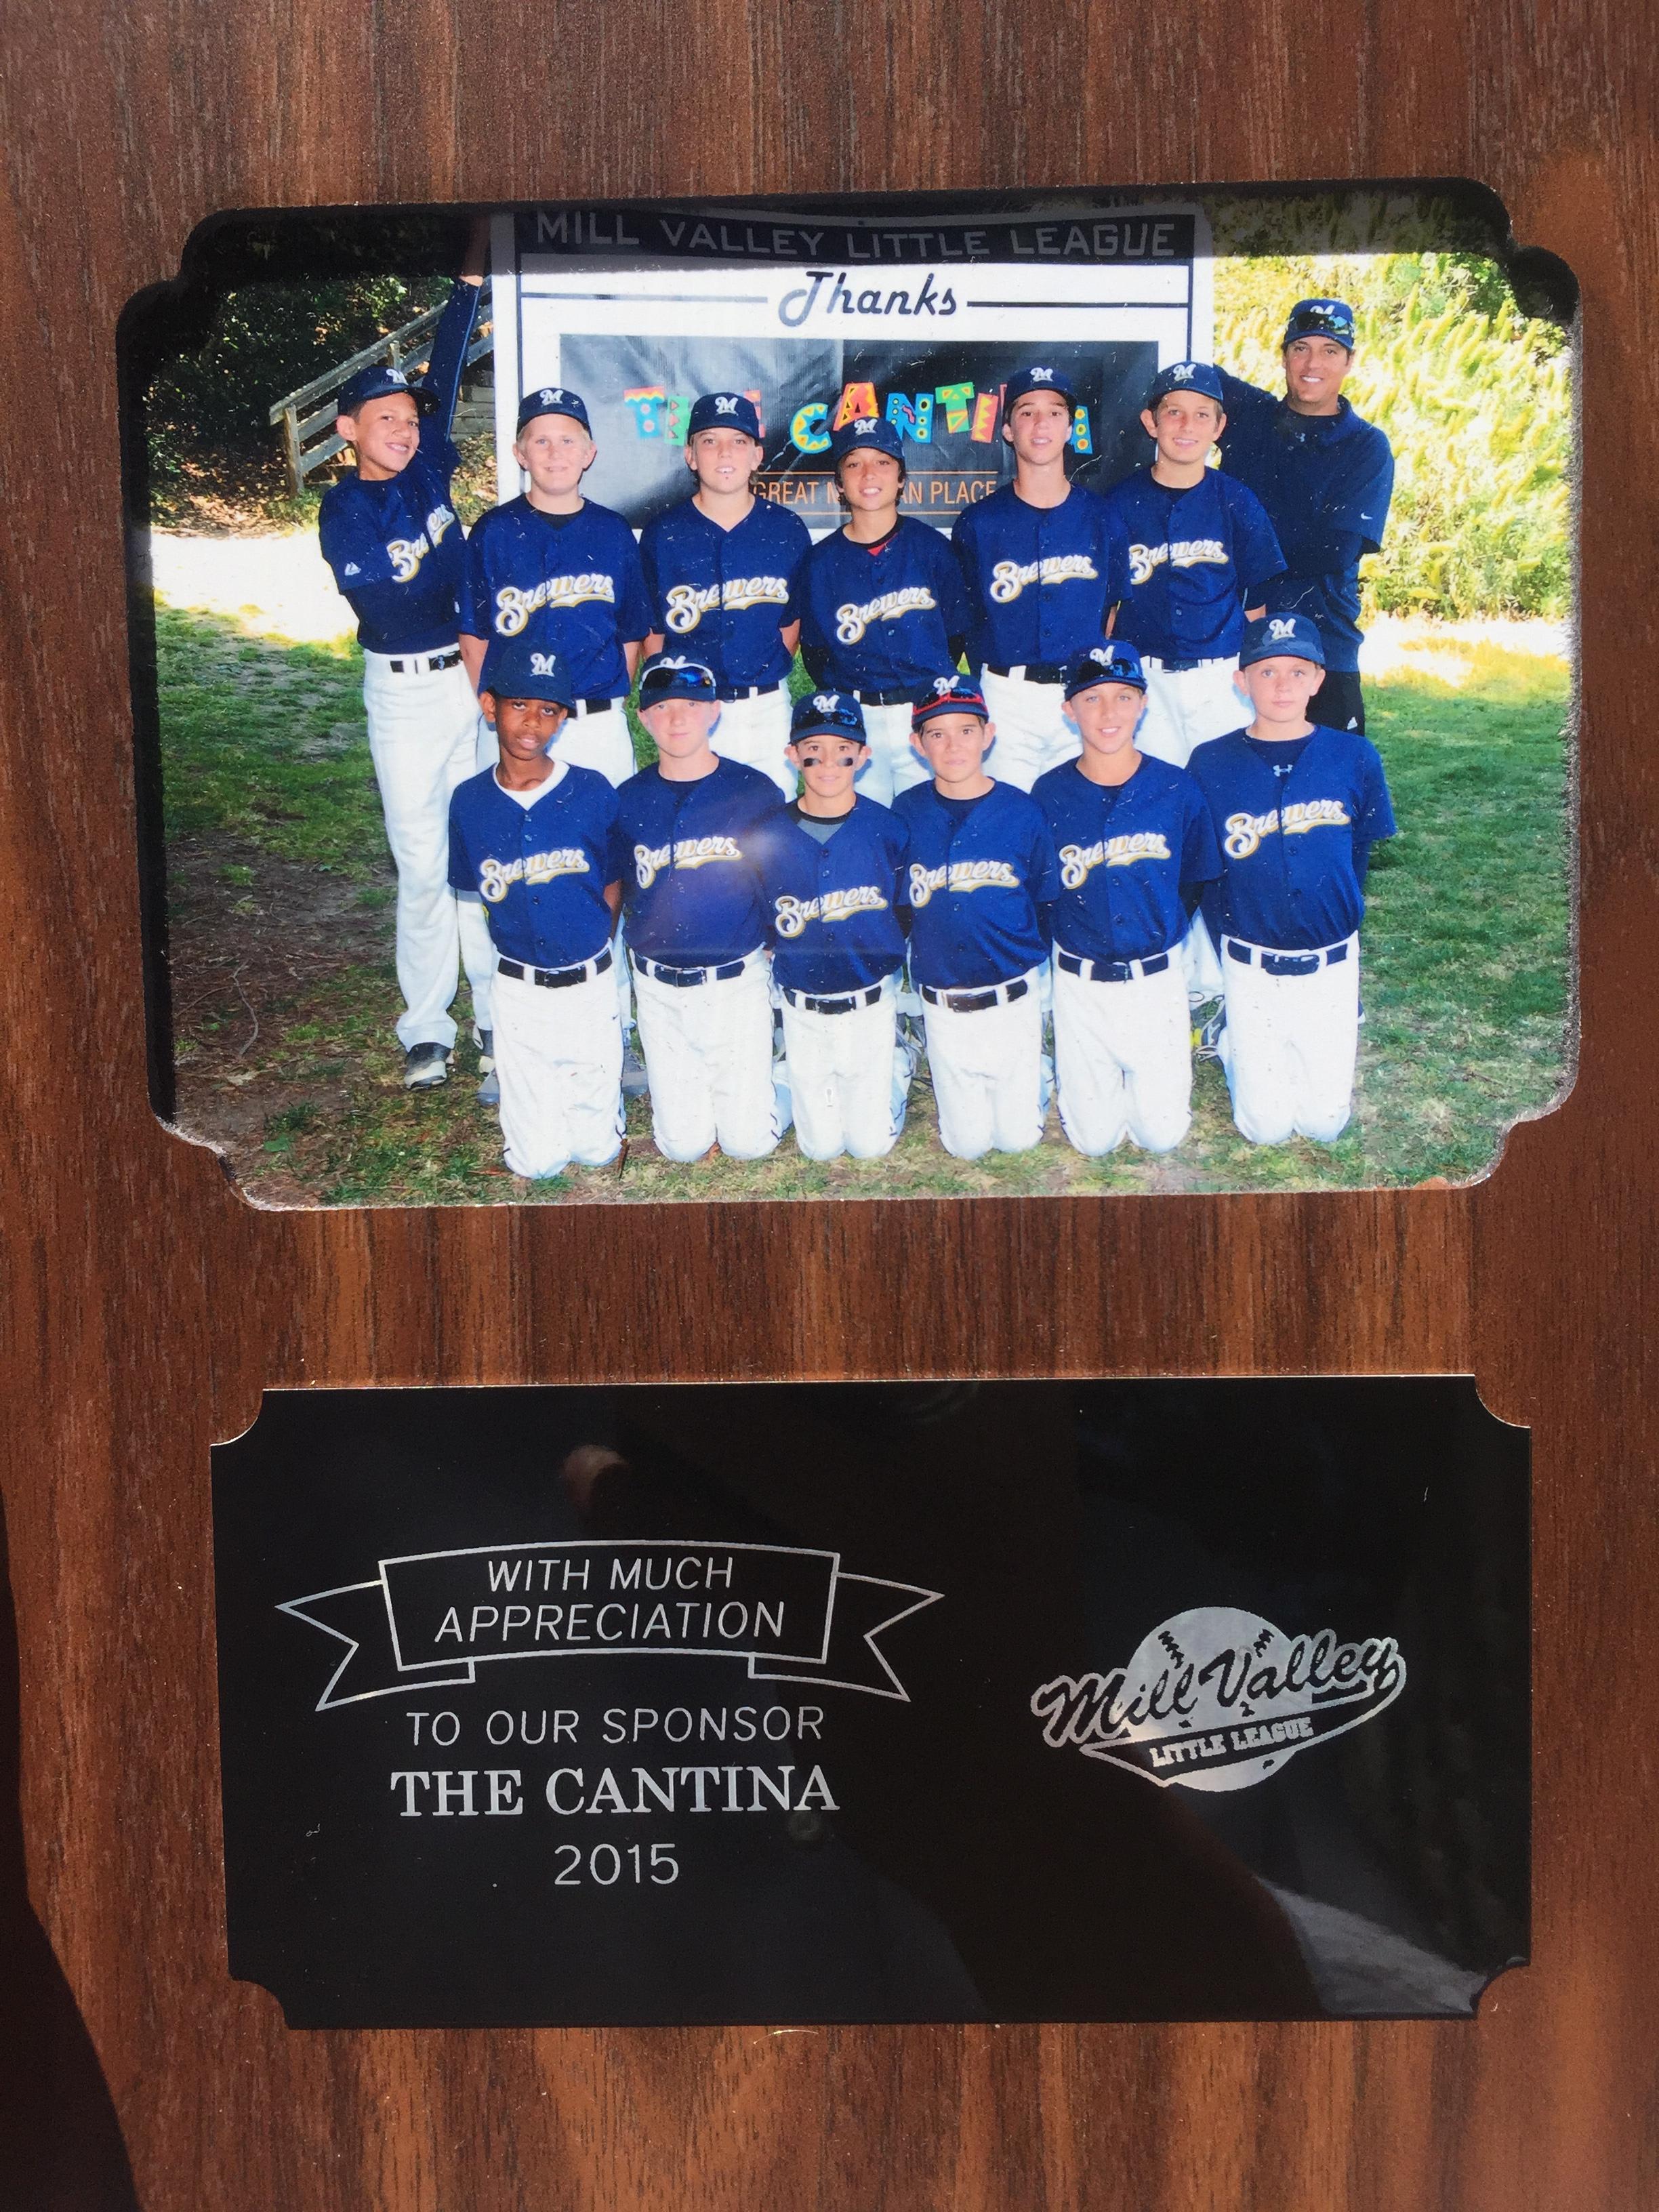 Photo at The Cantina